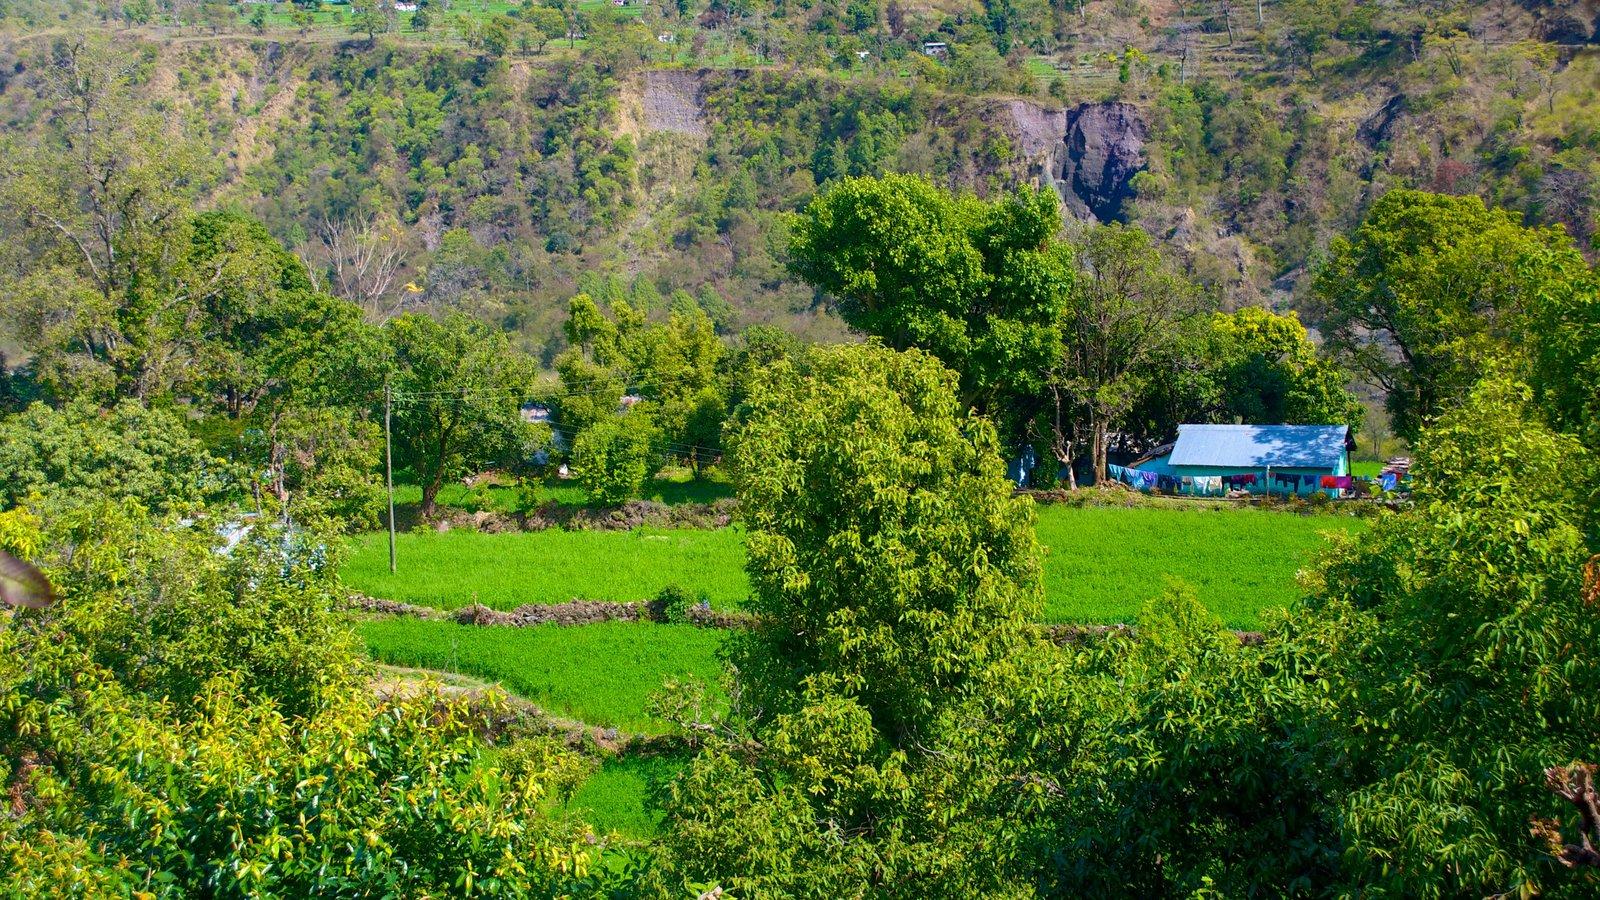 BhujiaGhat showing farmland